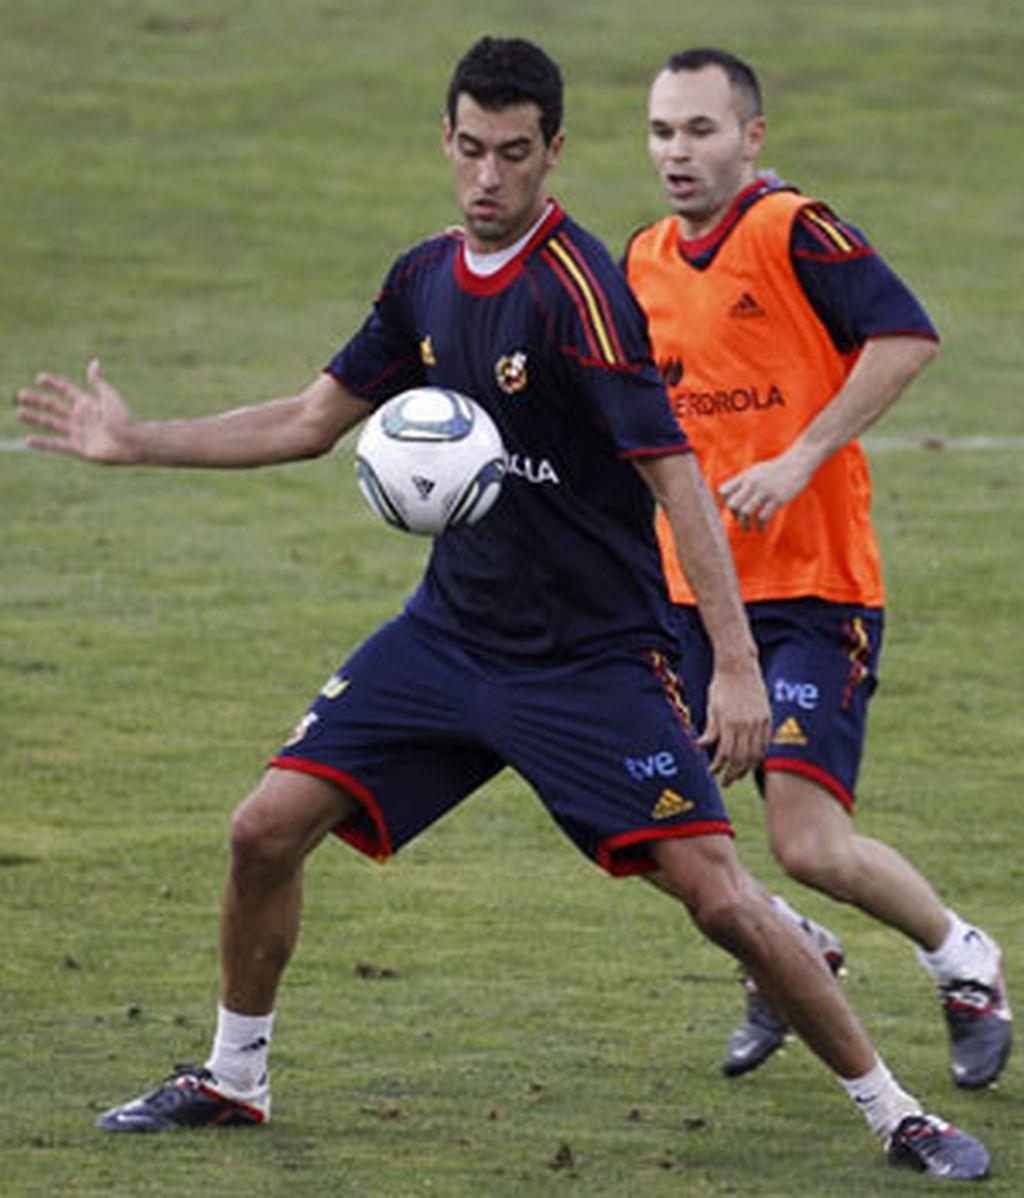 Los centrocampistas de la selección nacional de fútbol, Sergio Busquets y Andrés Iniesta durante el entrenamiento que el combinado nacional ha llevado a cabo en Las Rozas. Foto: EFE